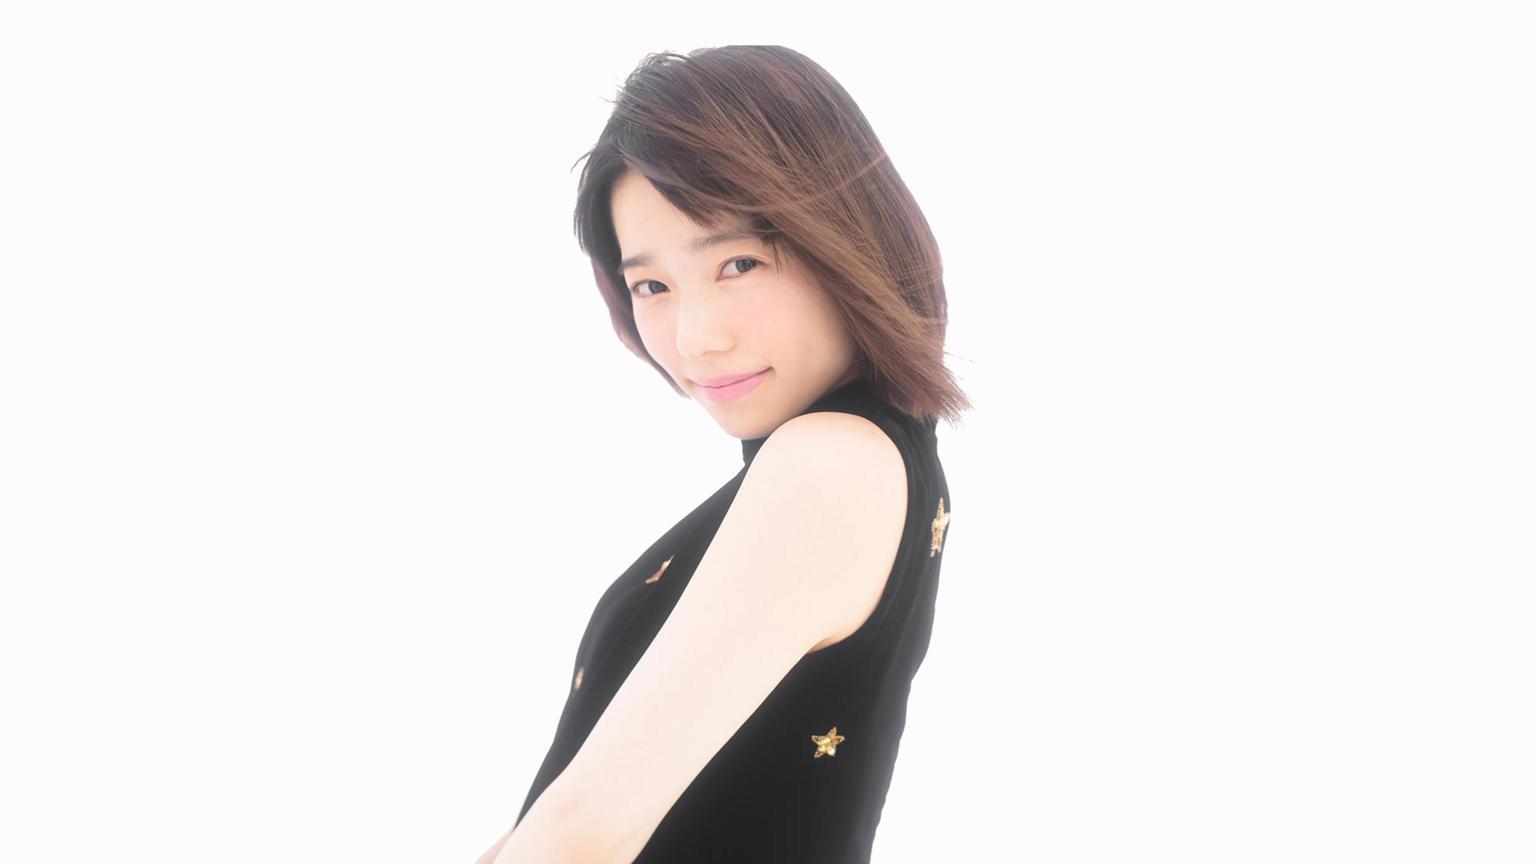 【FC限定配信】島崎遥香  시마자키 하루카